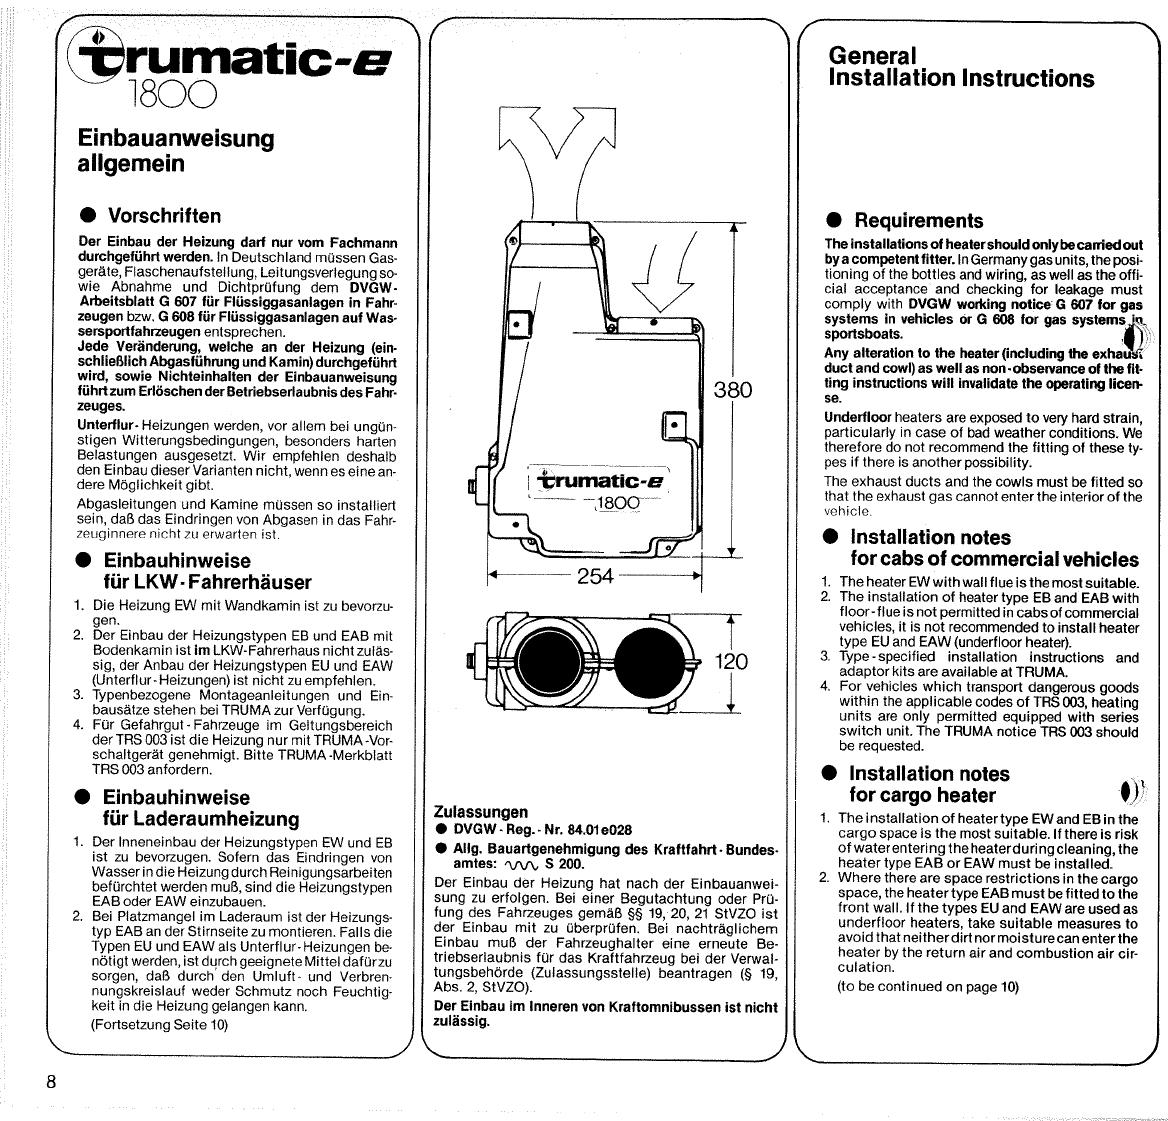 Bedienungsanleitung Trumatic E 1800 (Seite 10 von 32) (Deutsch ...